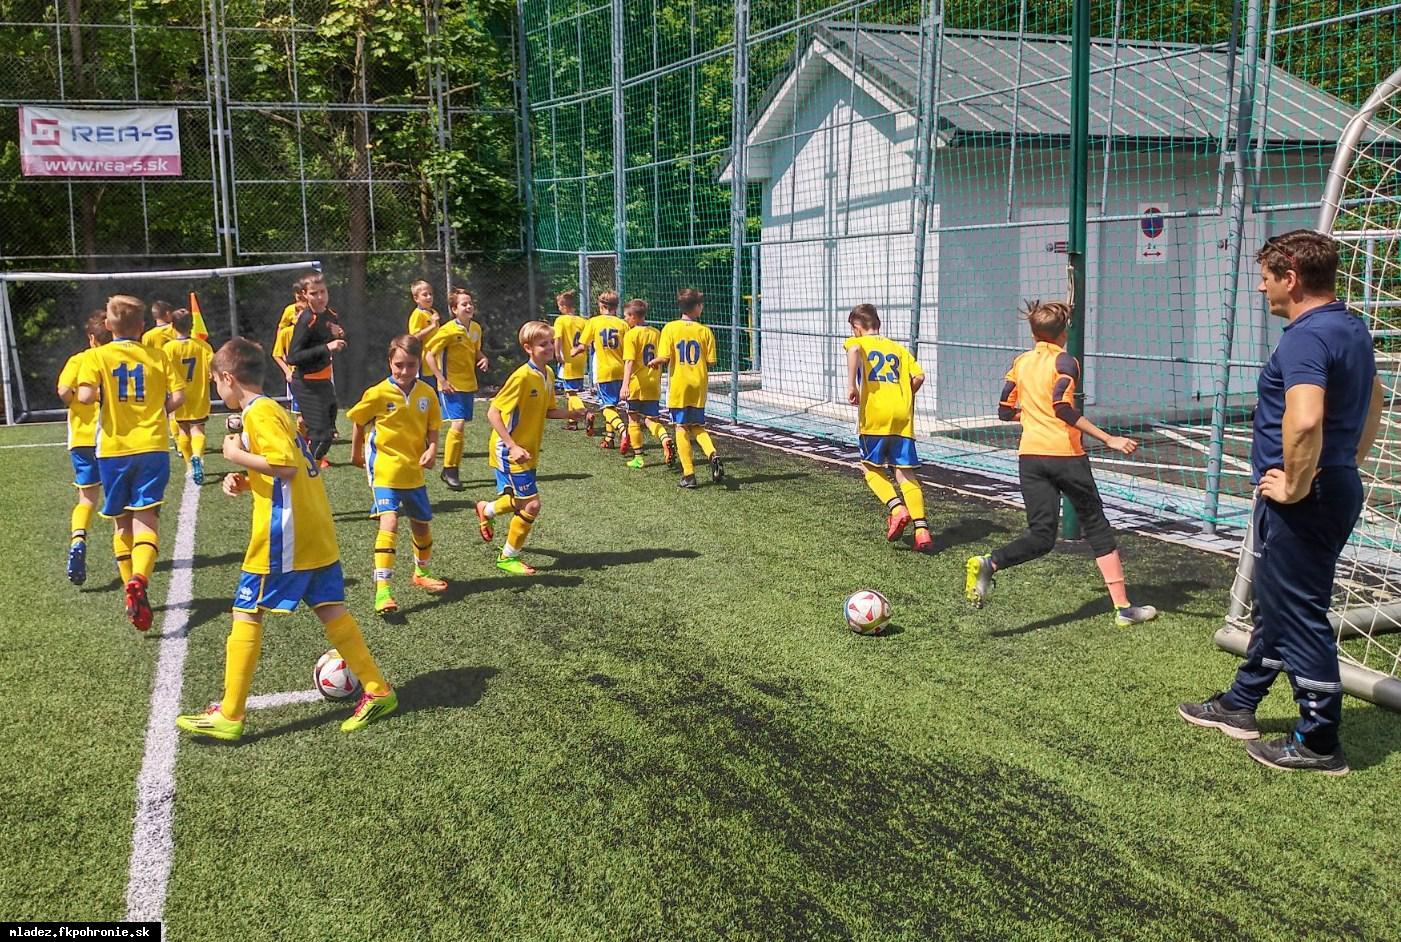 obr: U12: 20. kolo I.LMŽ FK Železiarne Podbrezová 2.6.2019